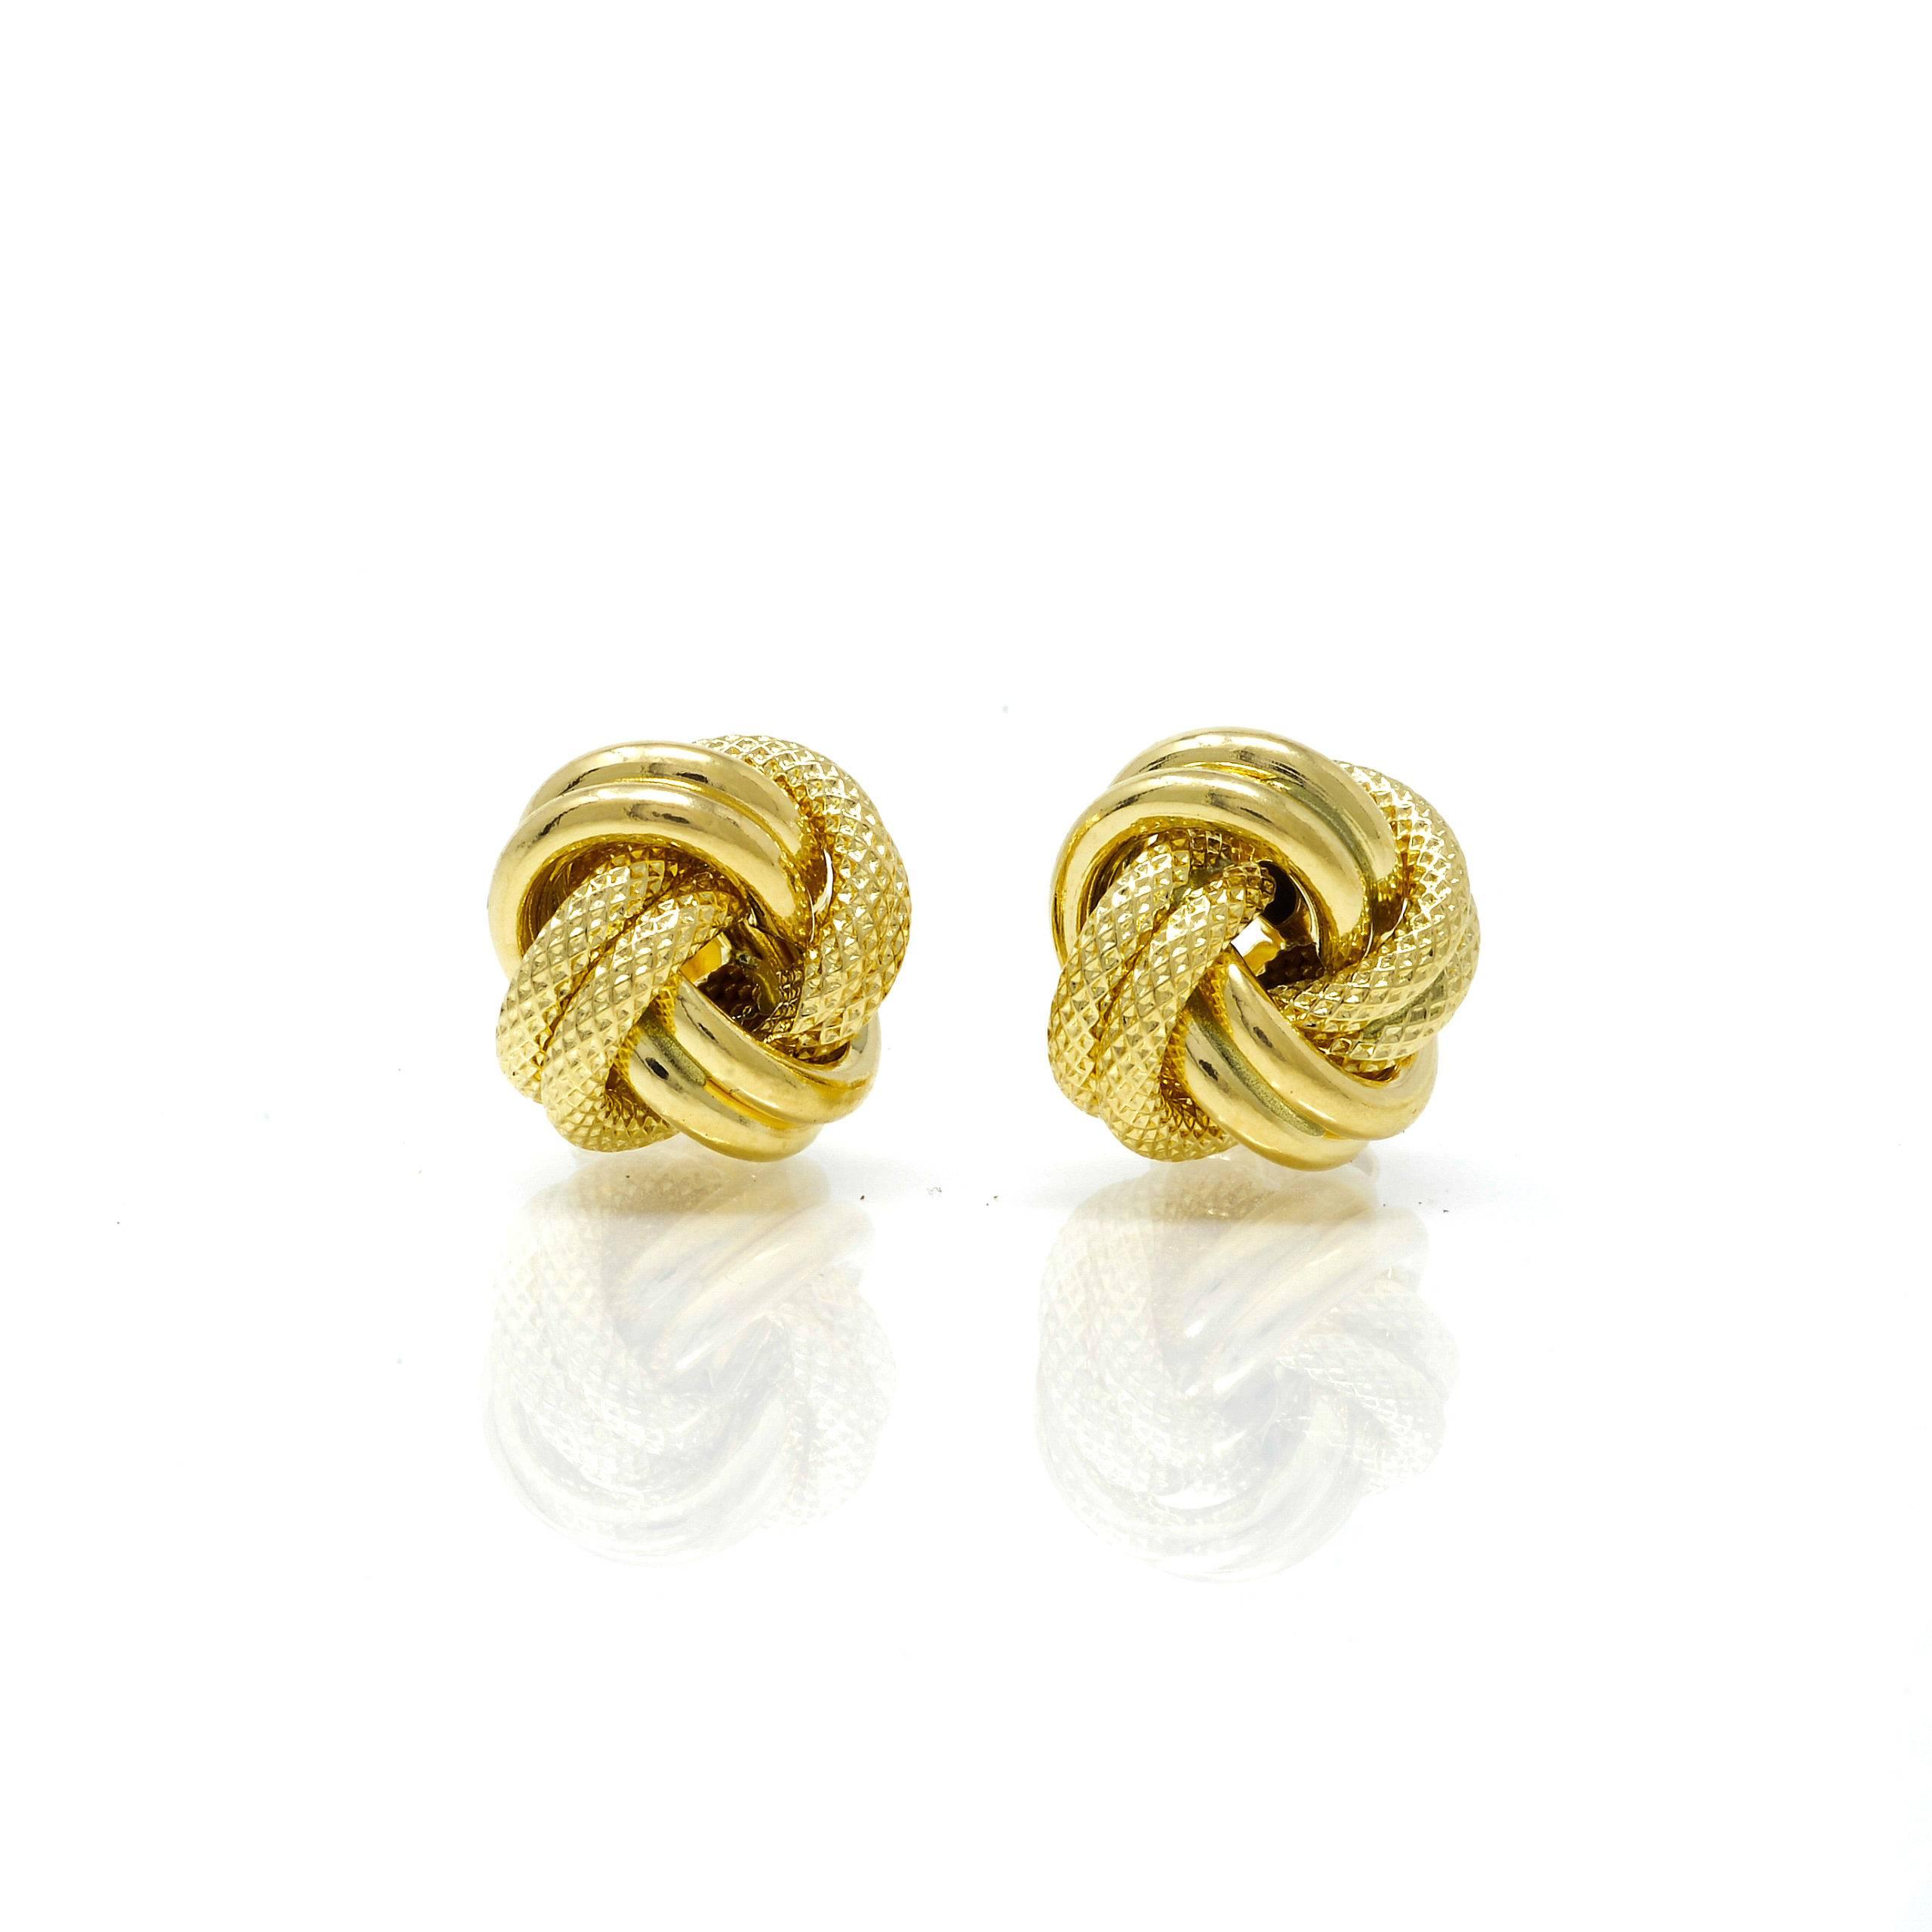 Boucles d'oreilles nœud Or 18 carats